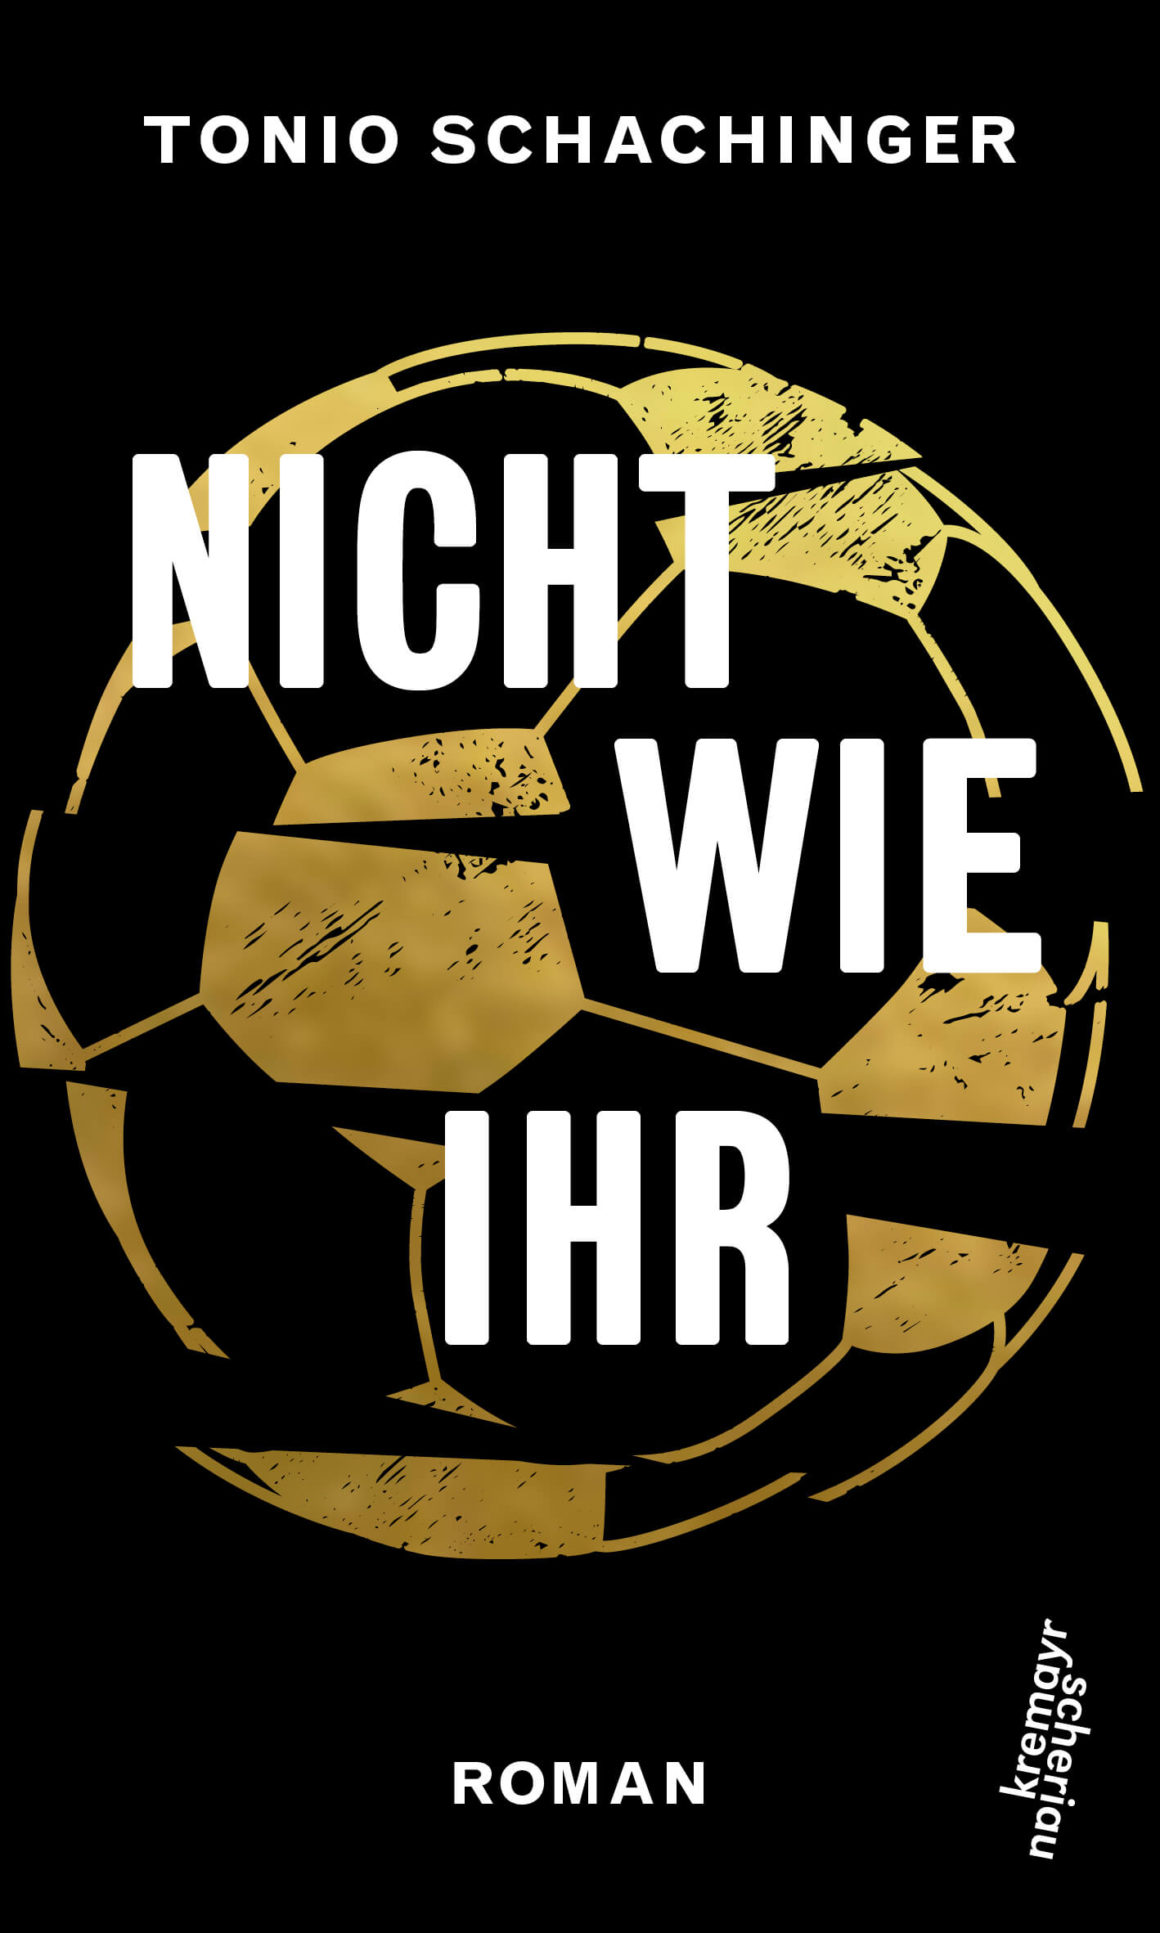 Nicht wie ihr Tonio Schachinger 1160x1933 - Nicht nur Fußball